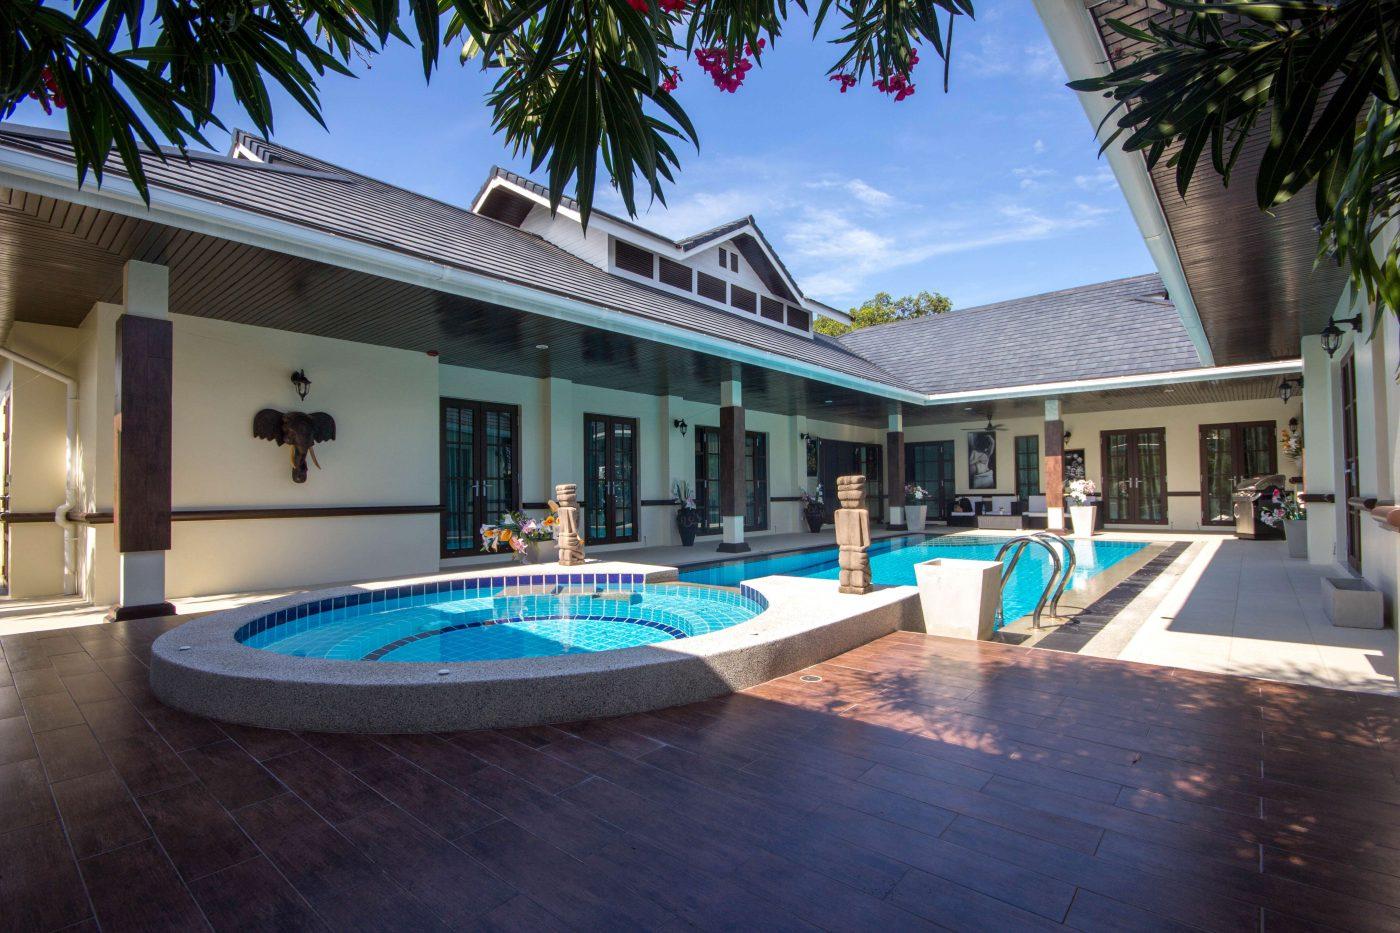 Thai Bali Villa On Palm Hills Golf Course for sale at Hua Hin District, Prachuap Khiri Khan, Thailand